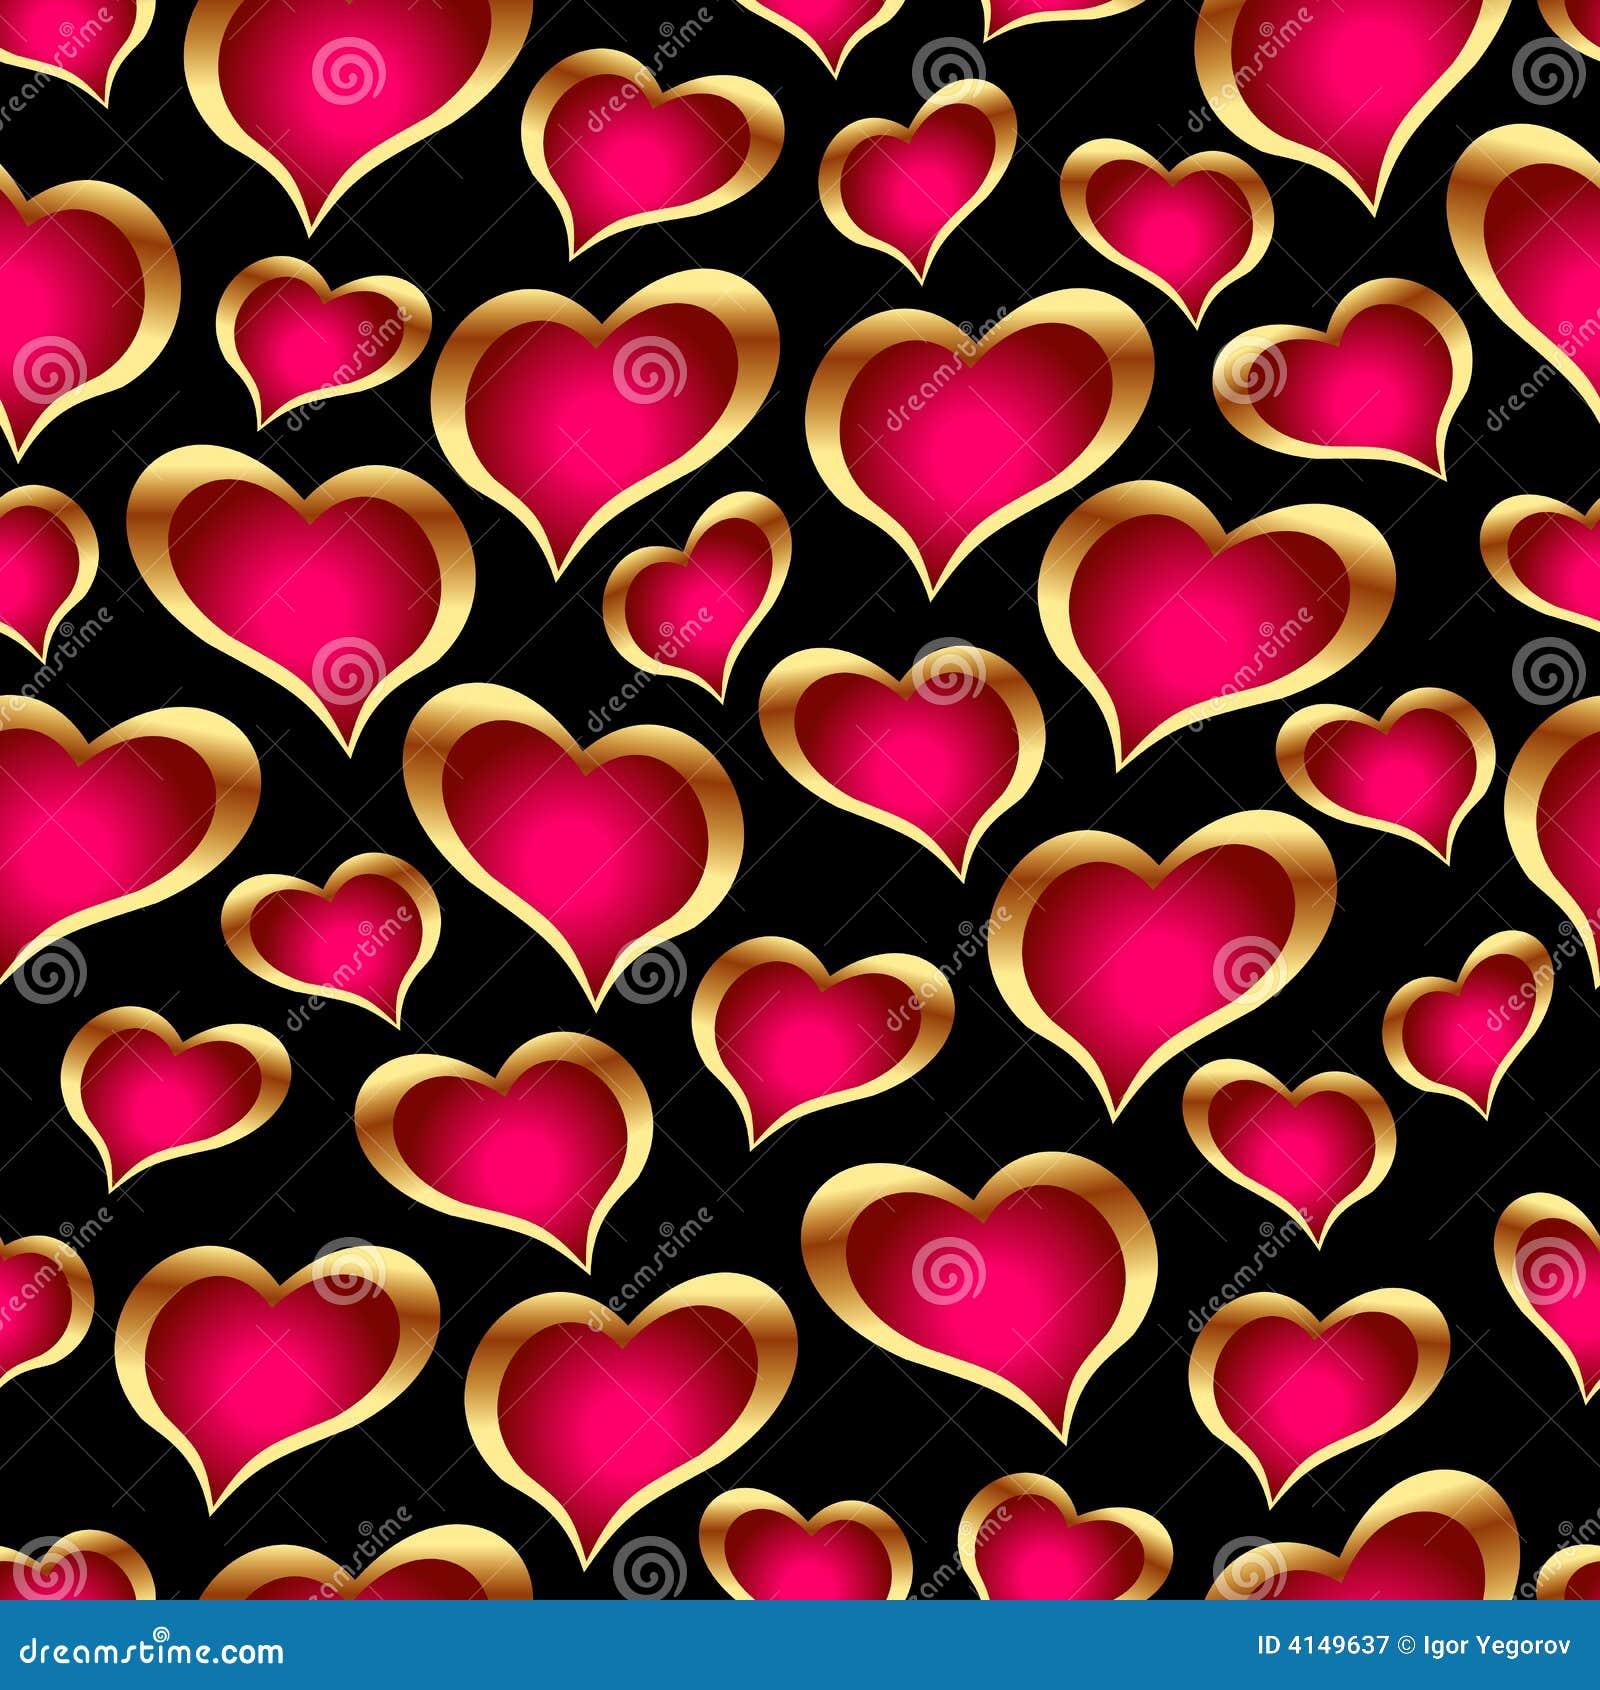 Seamless golden hearts